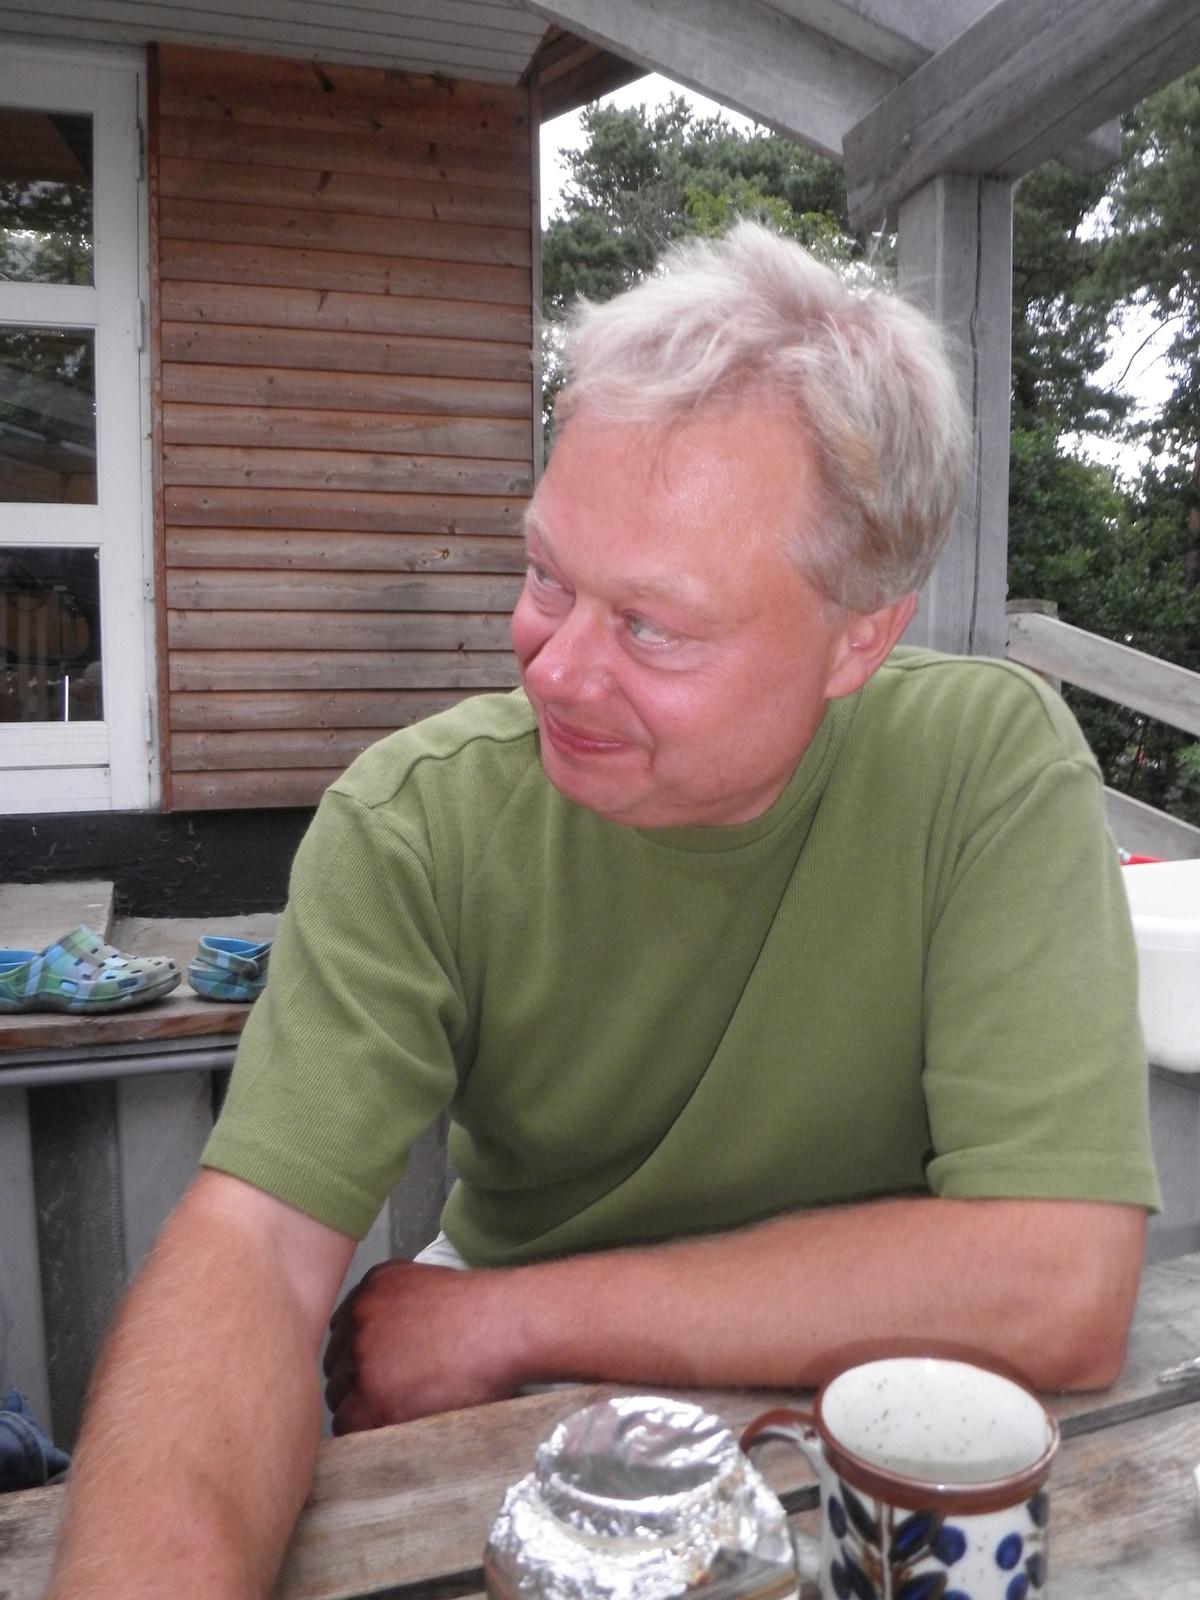 Henrik from Gudhjem